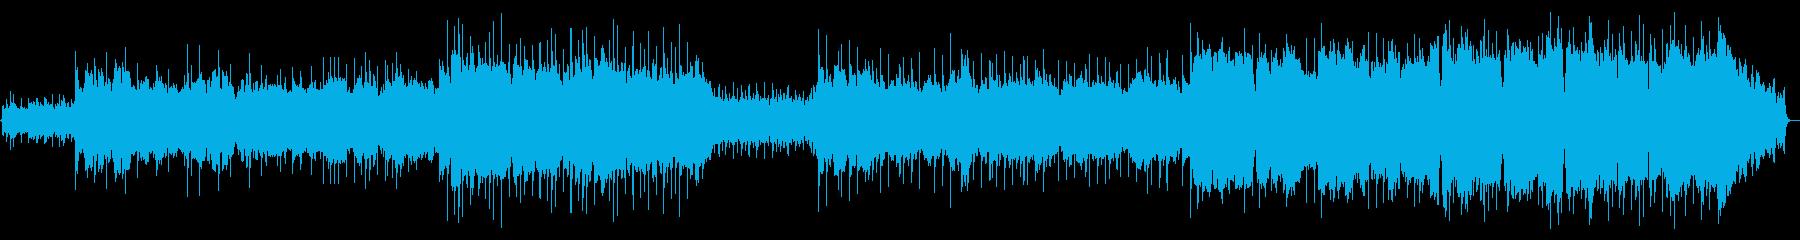 日本の秋の始まりをイメージした曲の再生済みの波形